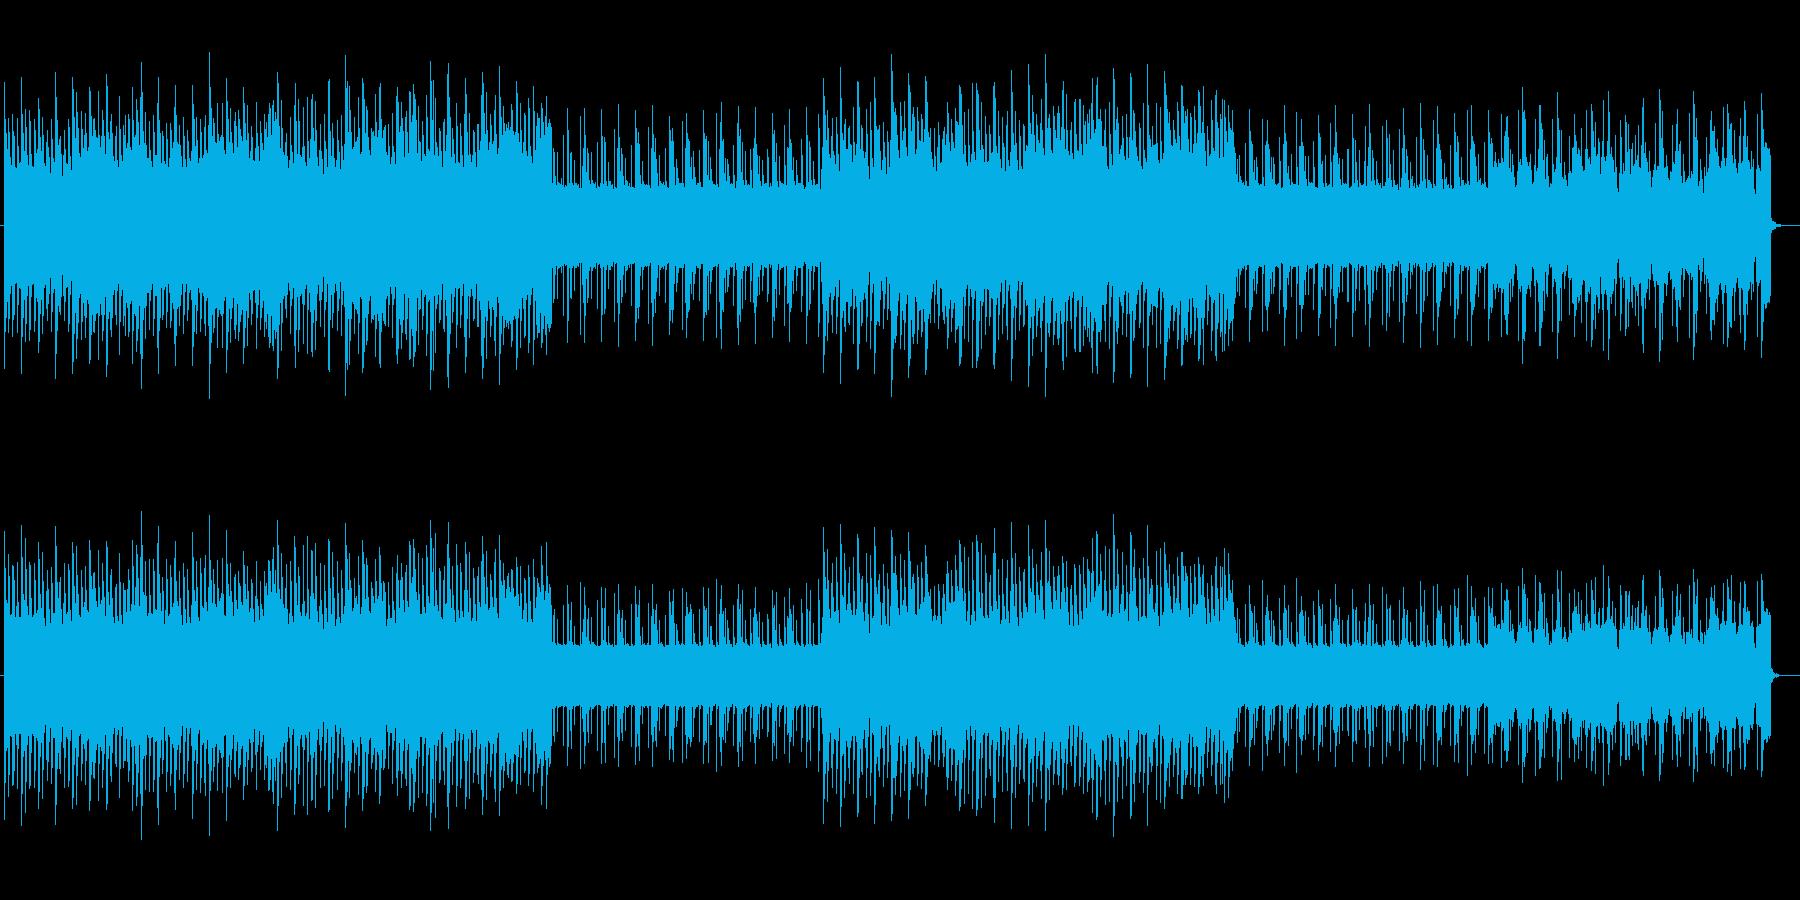 不思議なピアノが魅力的なポップ曲の再生済みの波形